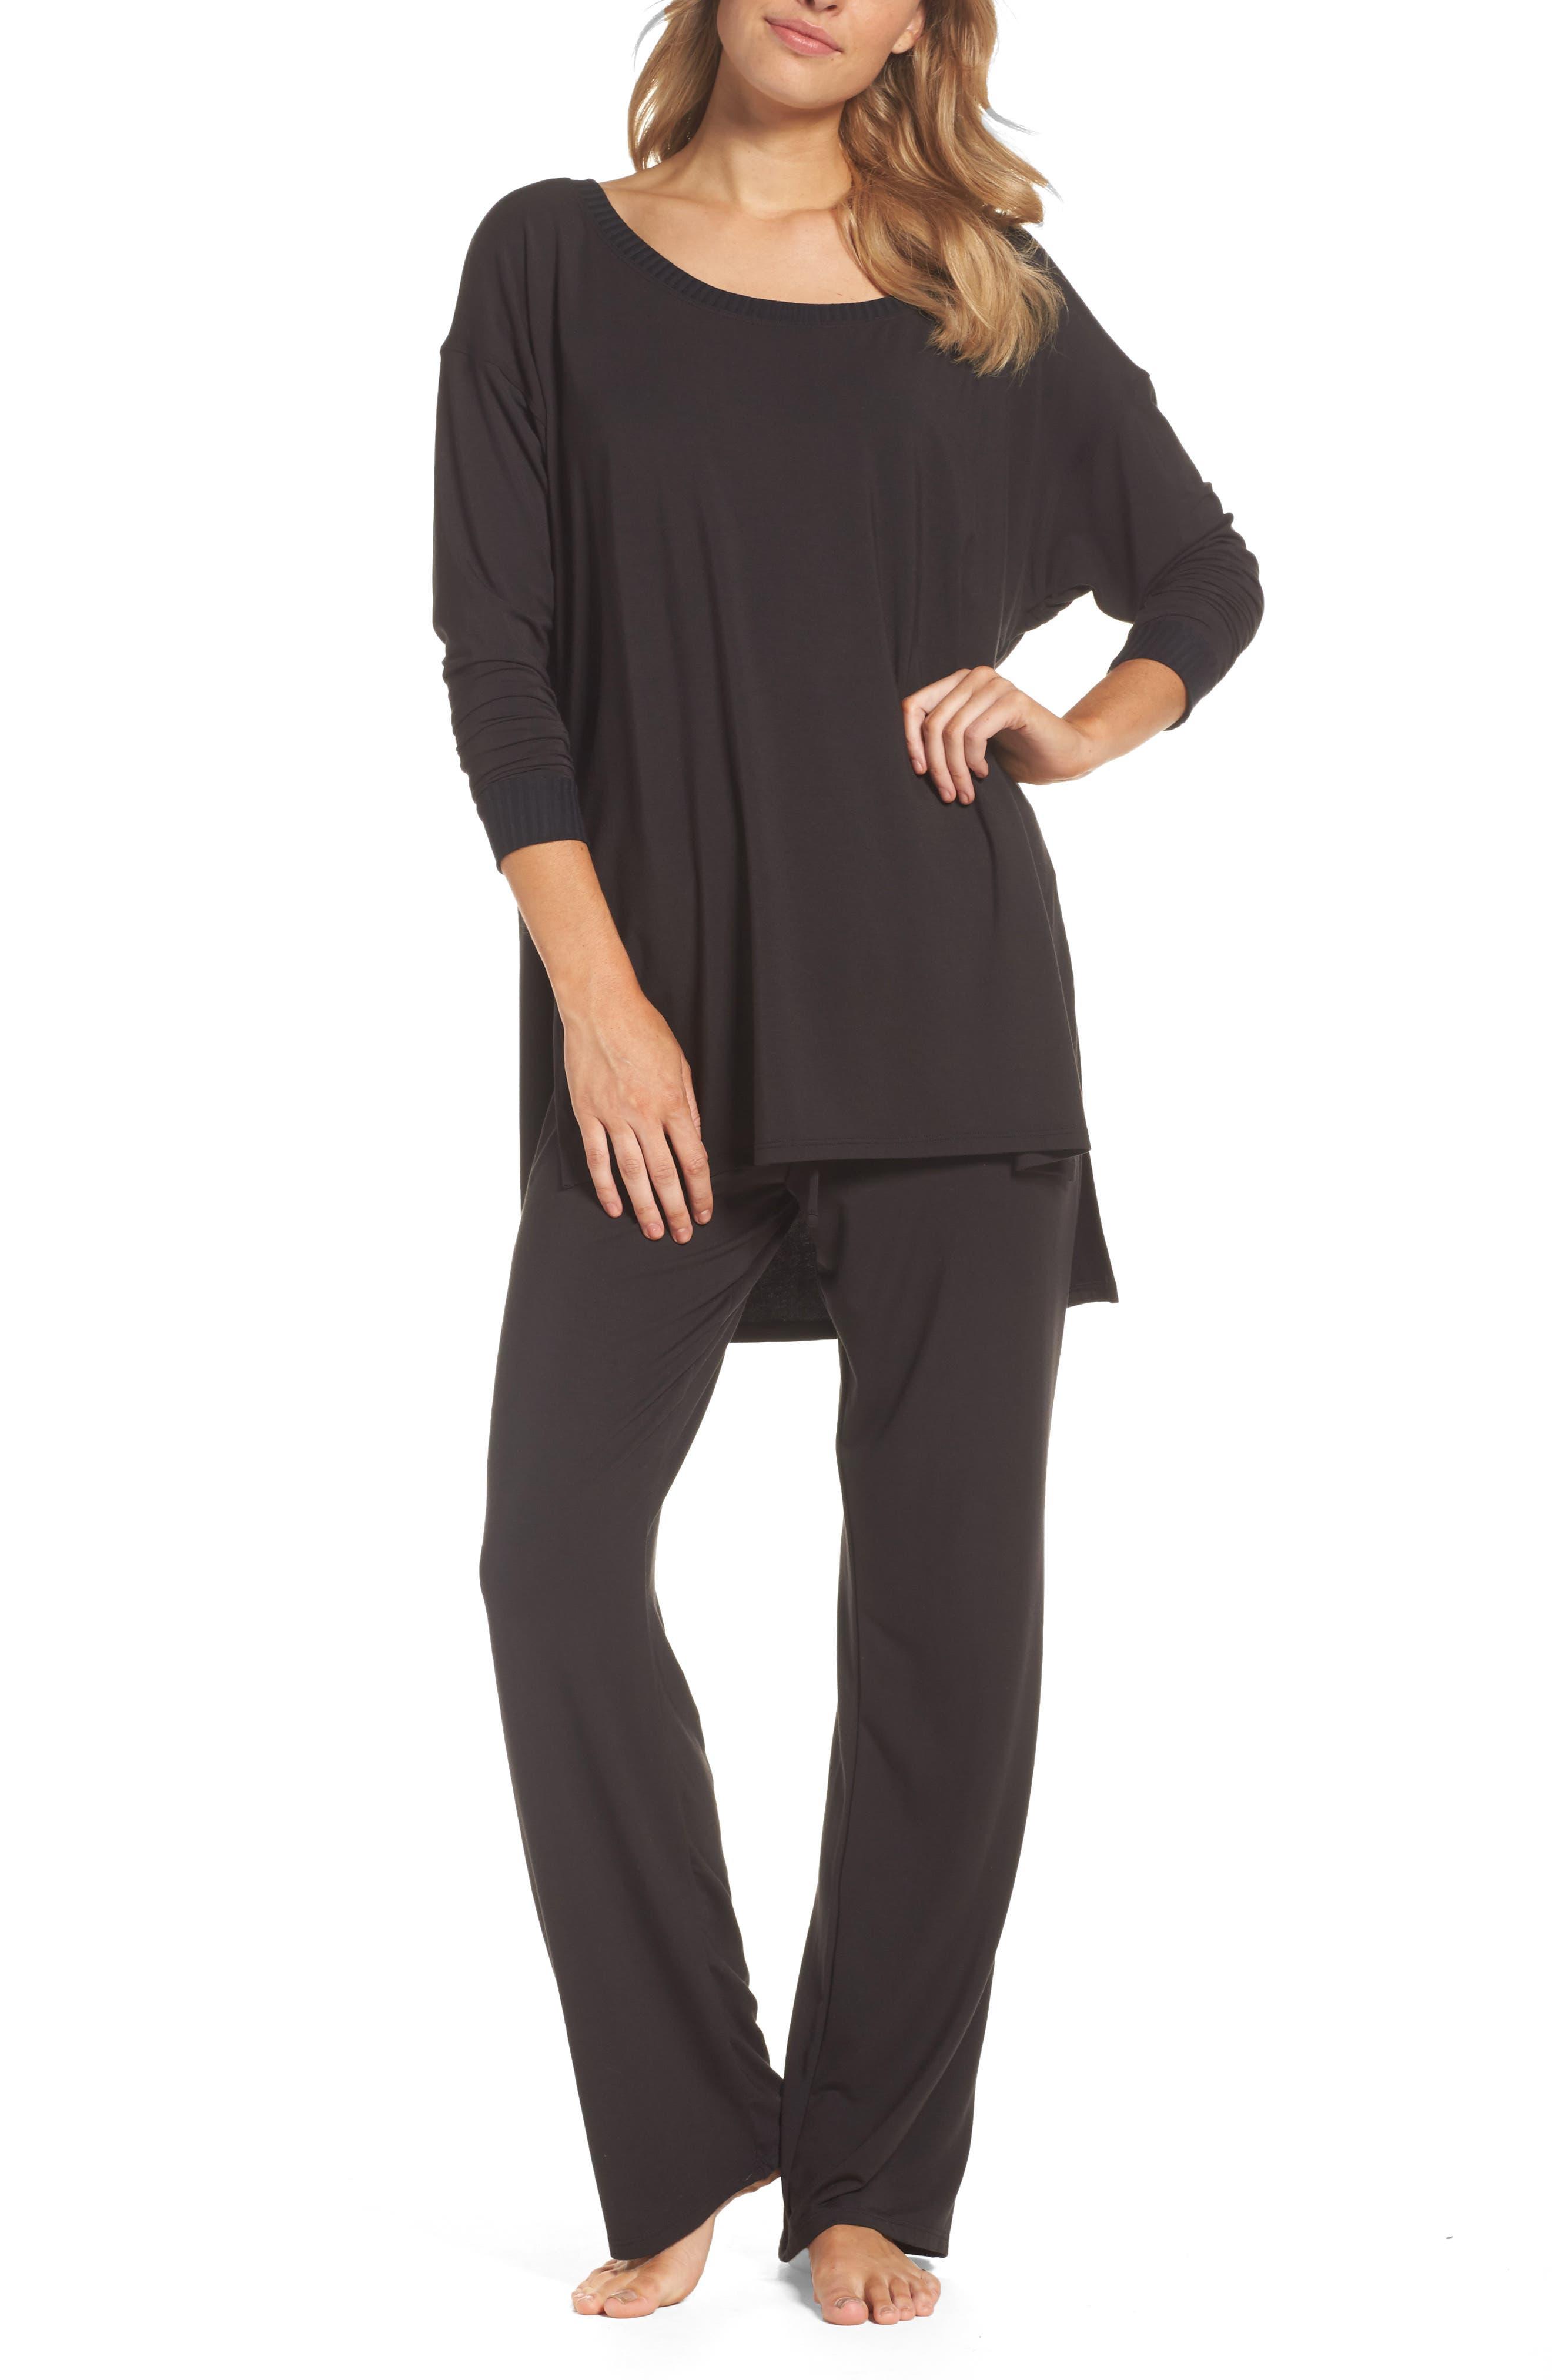 Felina Chelsea Tee & Pants